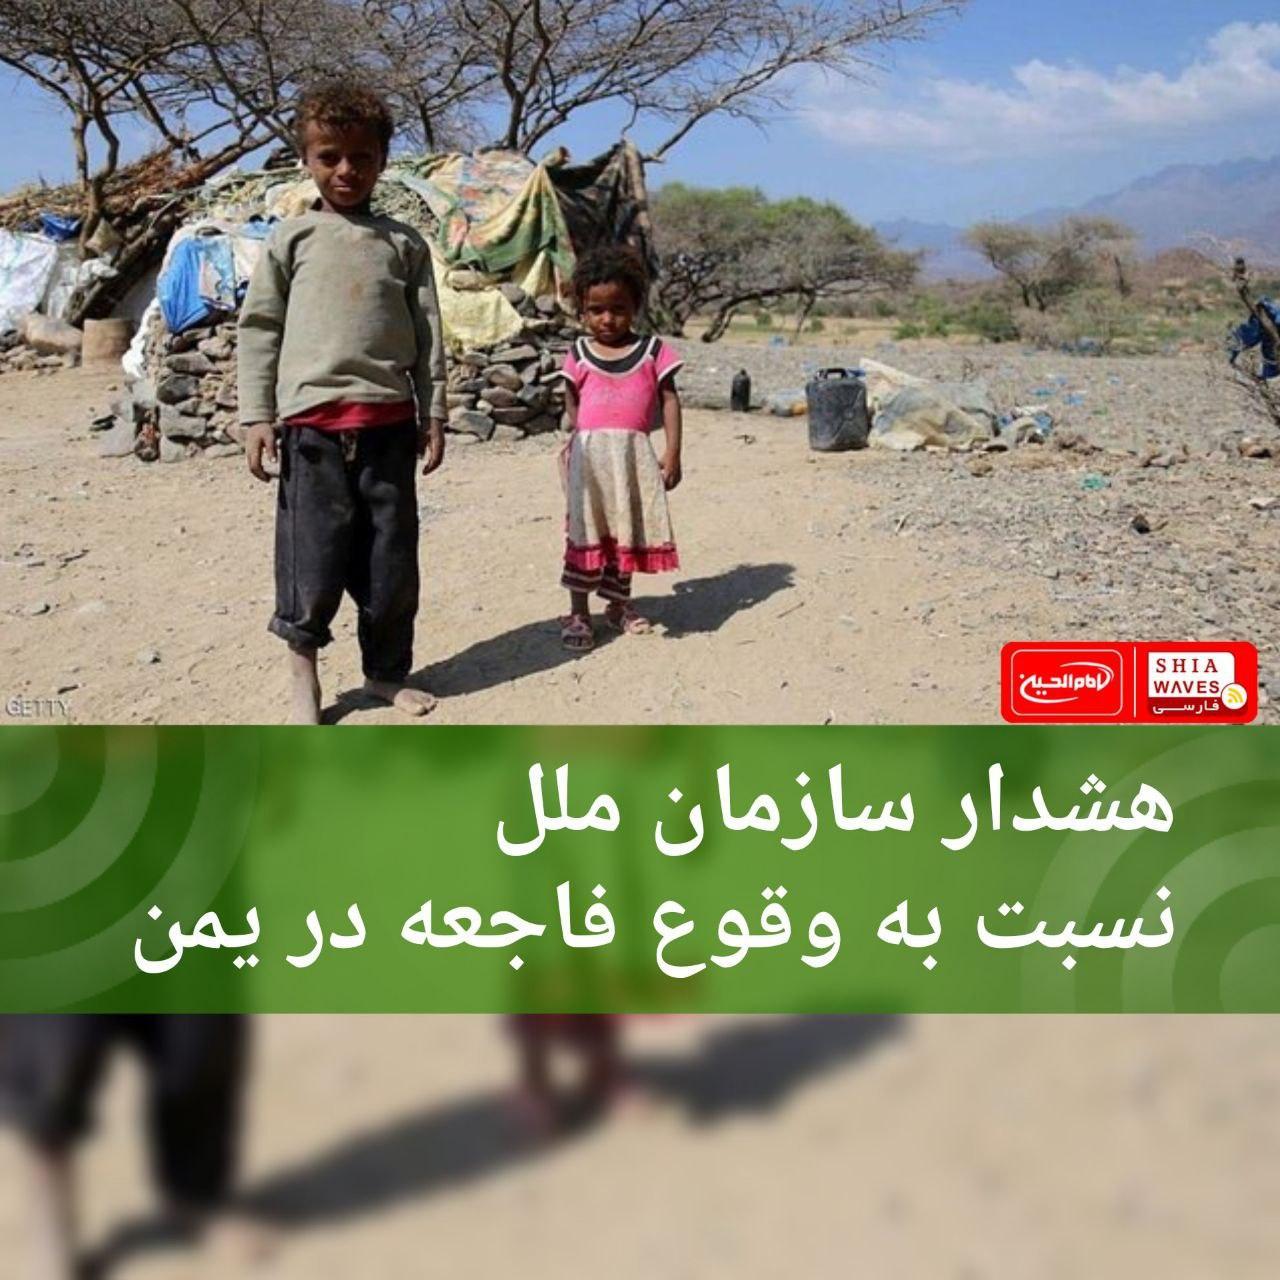 تصویر هشدار سازمان ملل نسبت به وقوع فاجعه در یمن